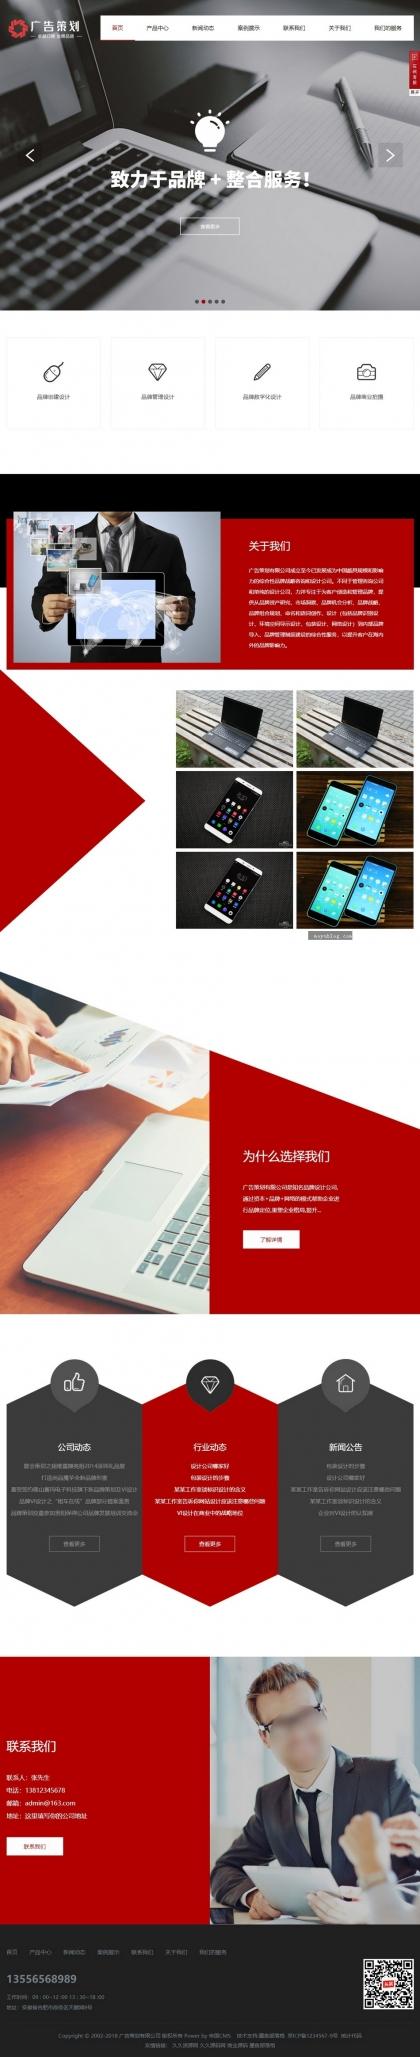 公司企业产品案例展示新闻发布HTML5响应式自适应手机帝国CMS整站模板